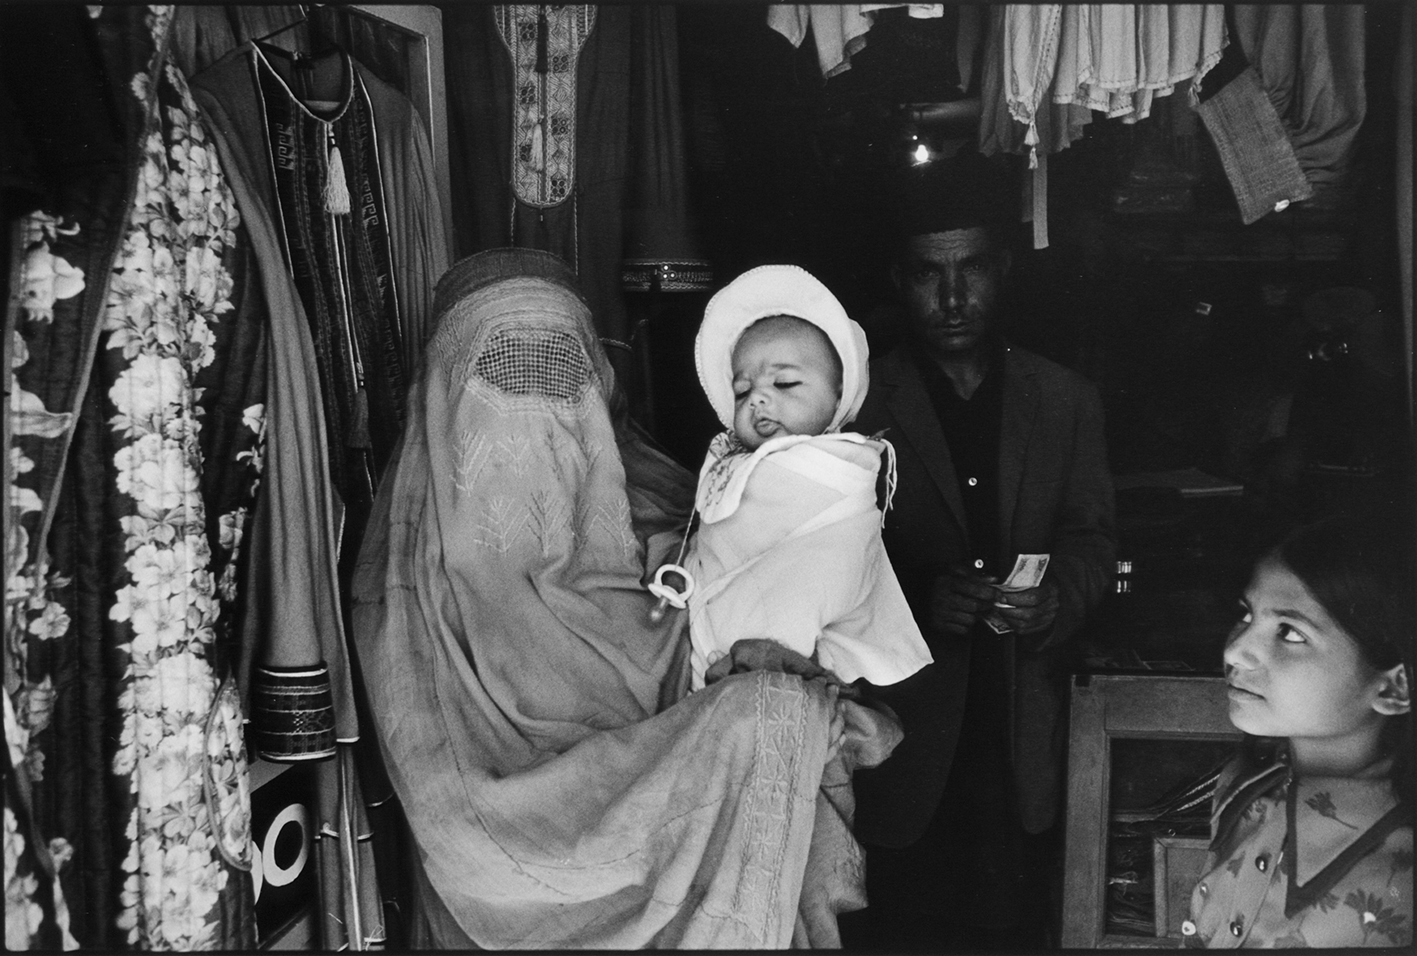 &#169Christine Spengler - Afghanistan, 1980.